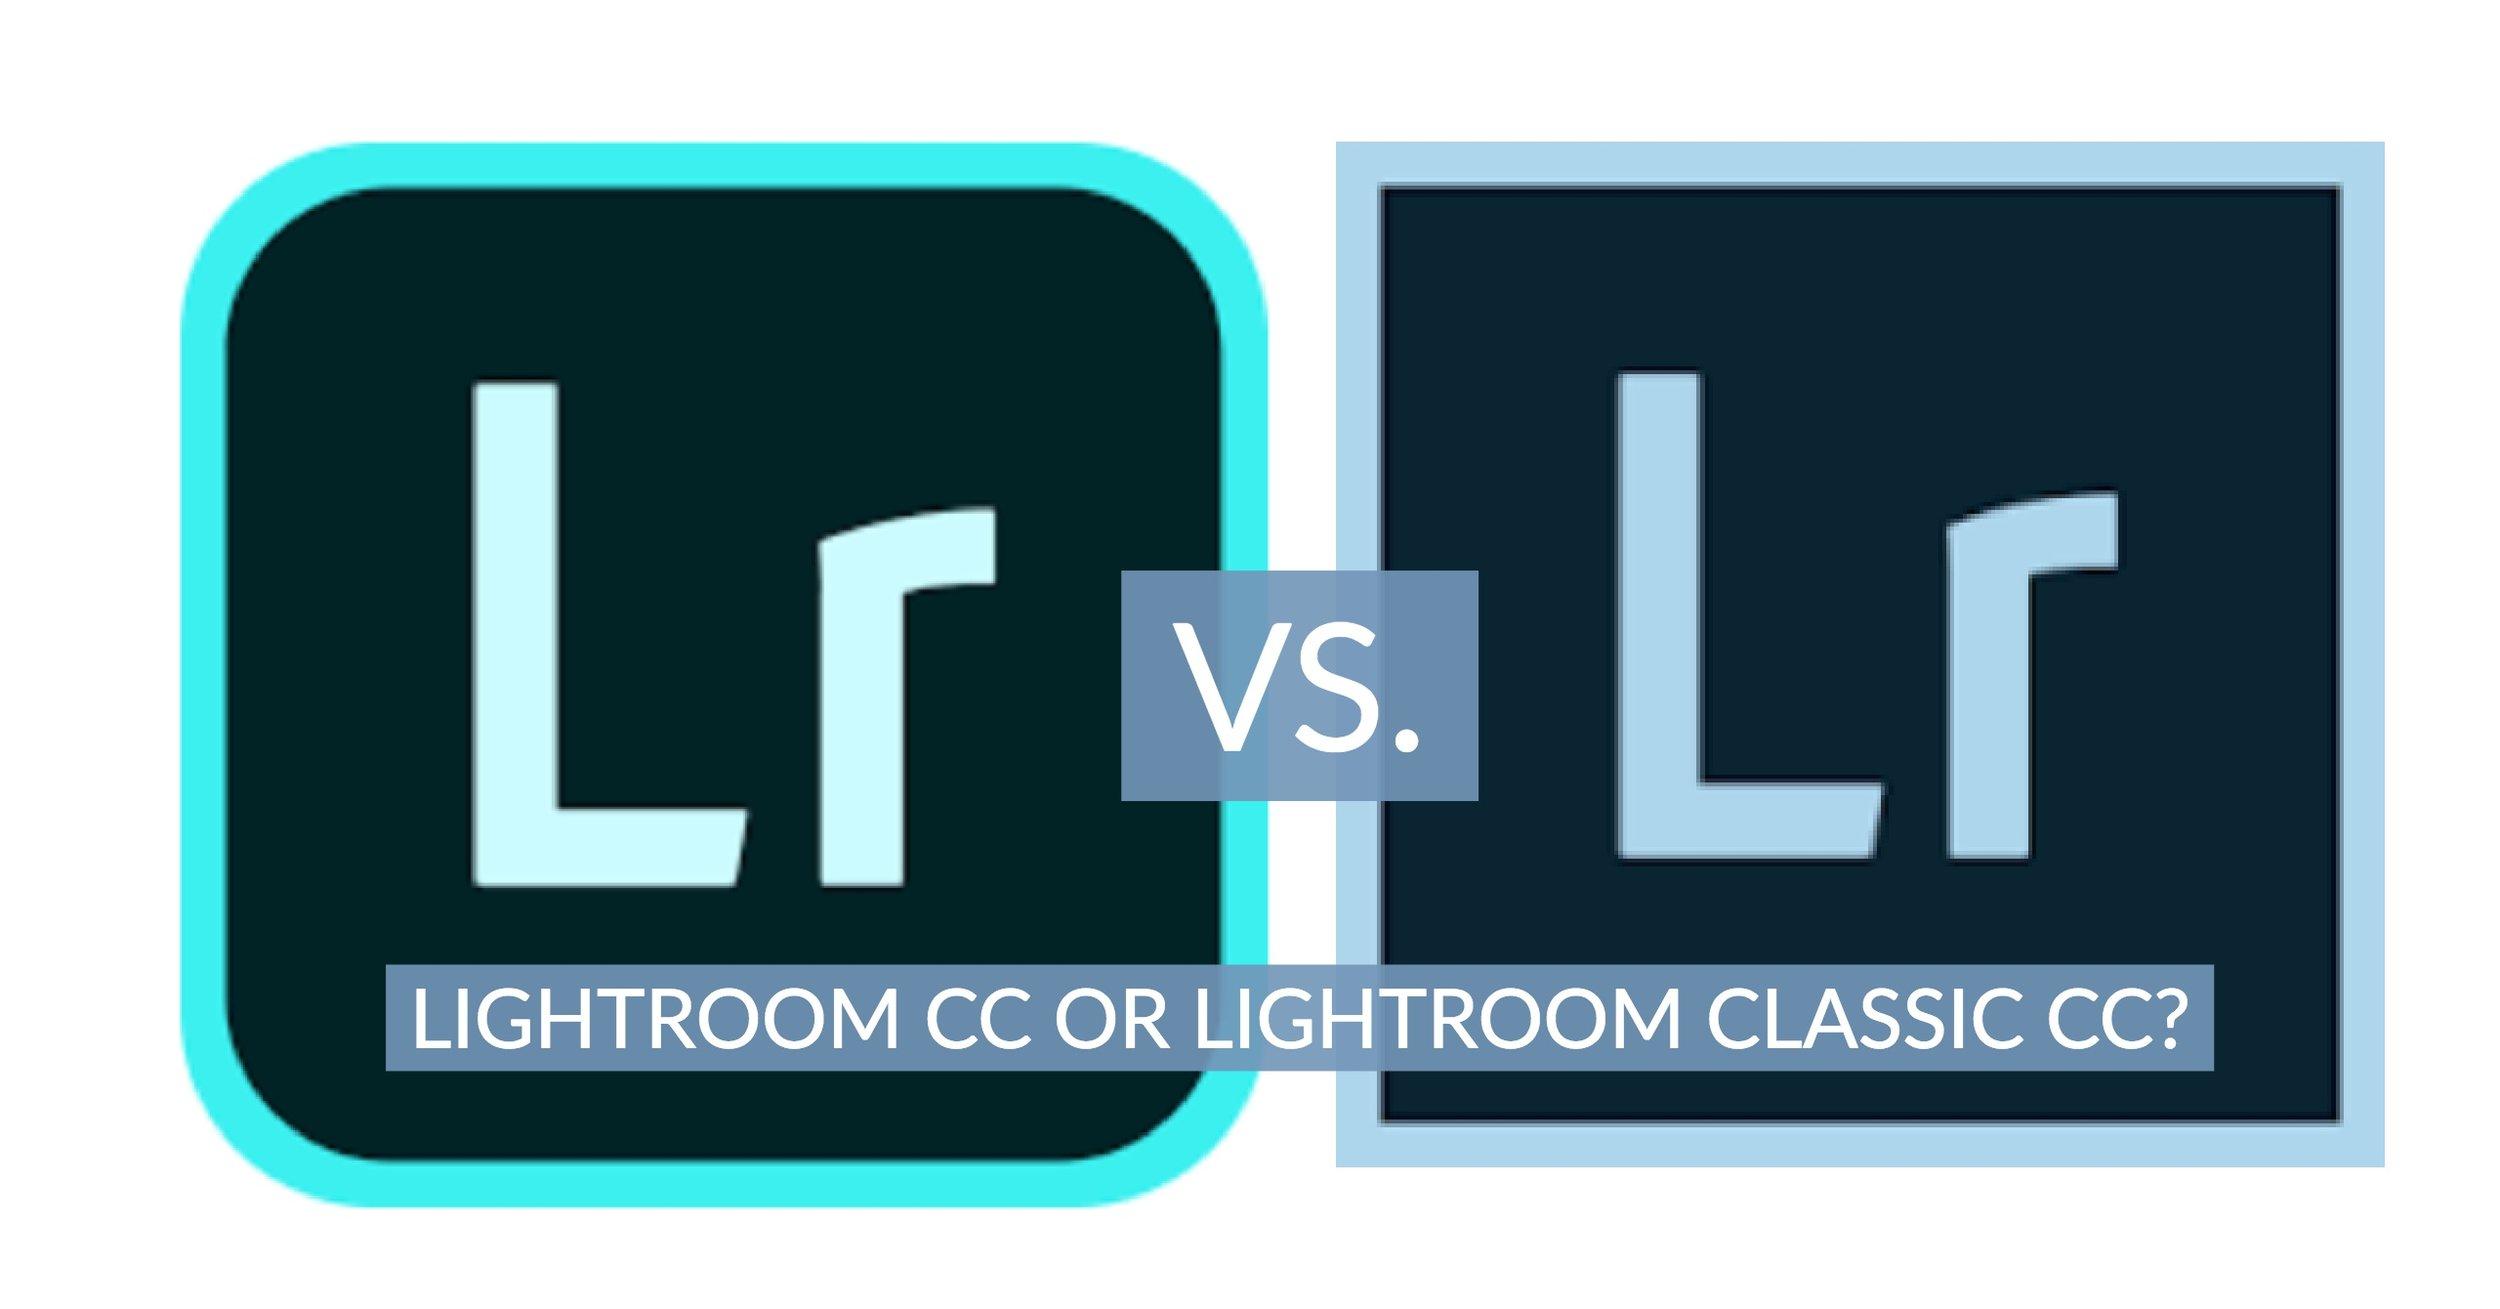 Lr_vs_Lr.jpg